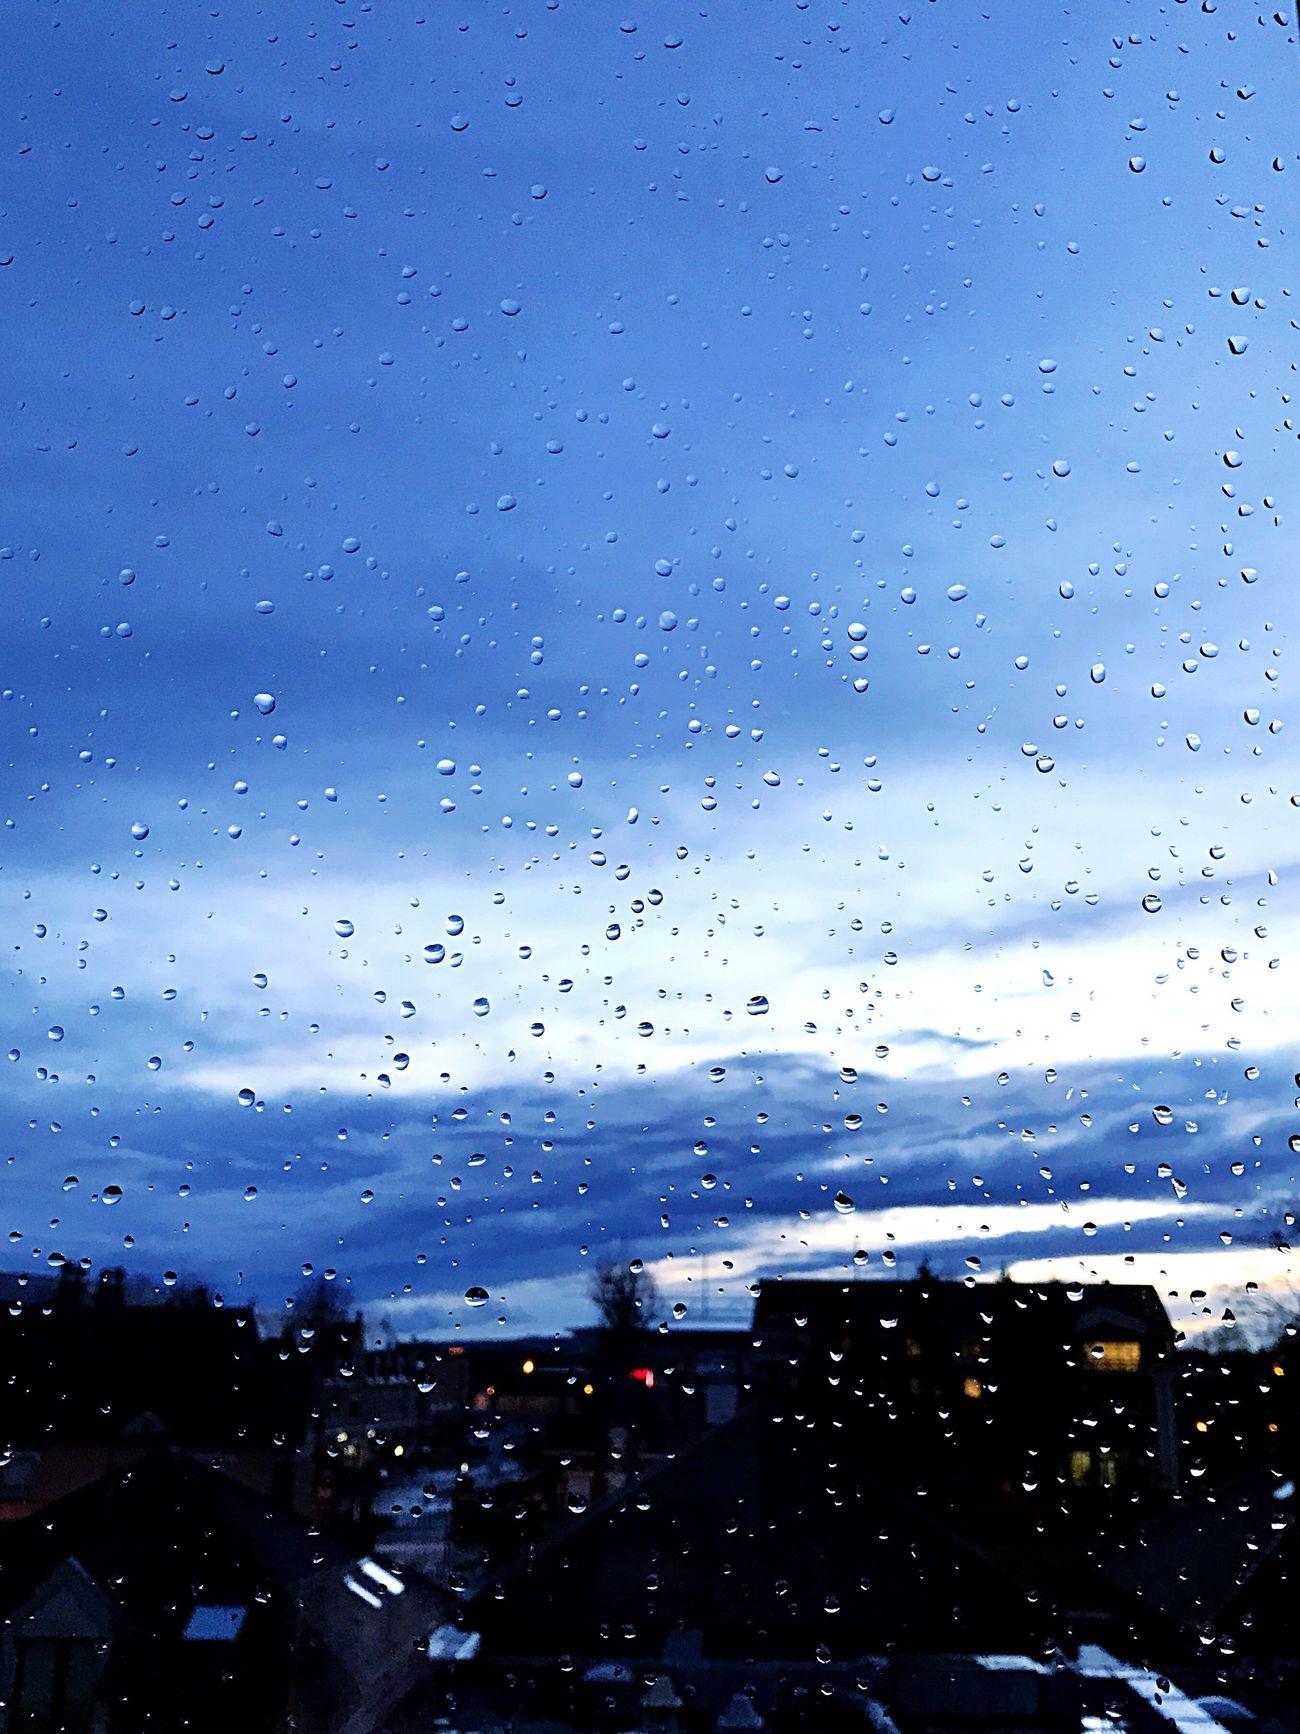 FrNorthWinter Winter RainyDay France Drop First Eyeem Photo